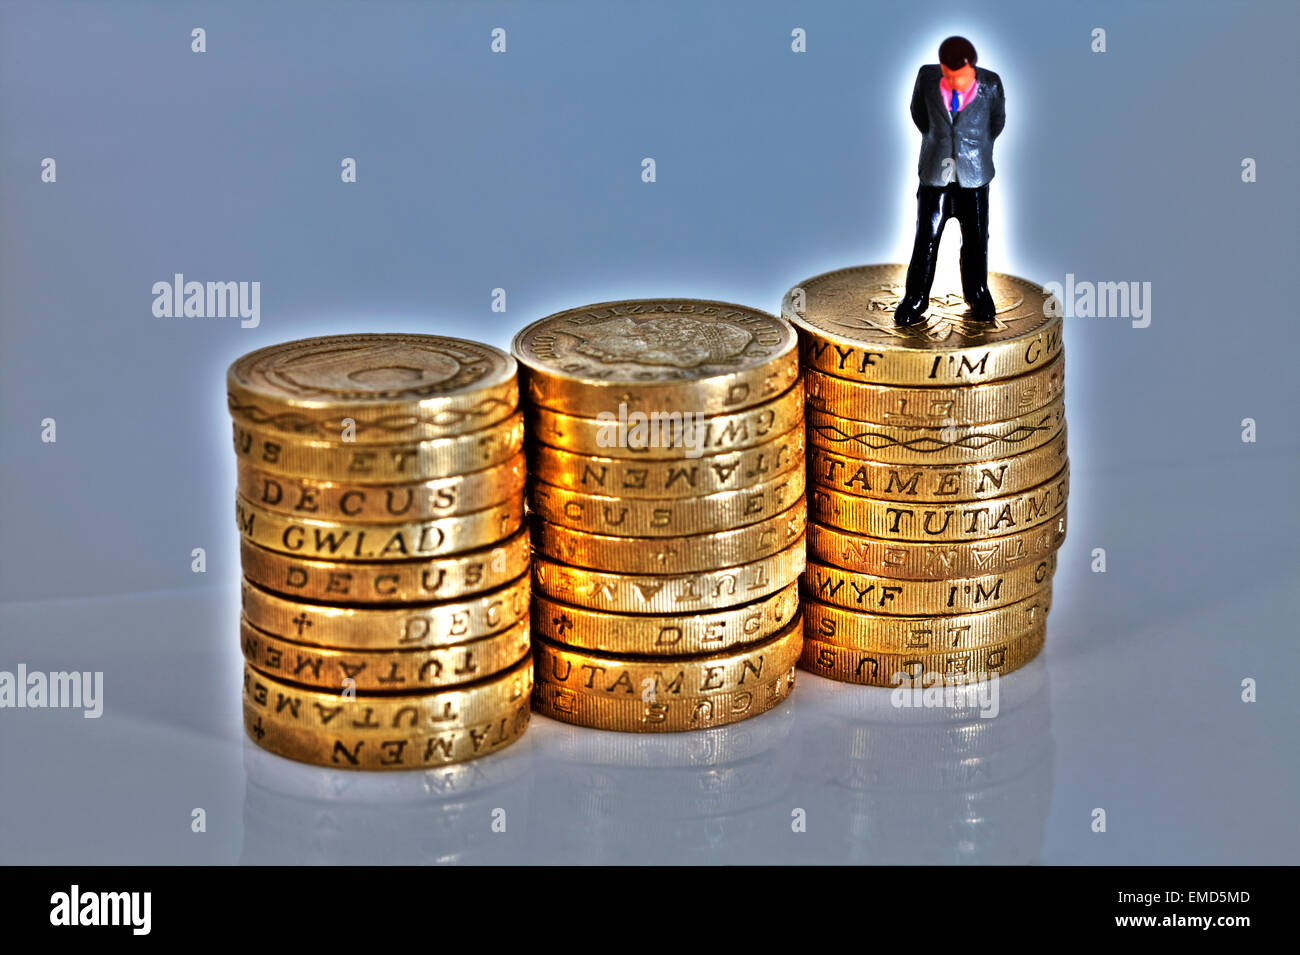 Le preoccupazioni di denaro dei problemi del debito di disoccupati in bancarotta di fallimento i prestiti di prestito Immagini Stock